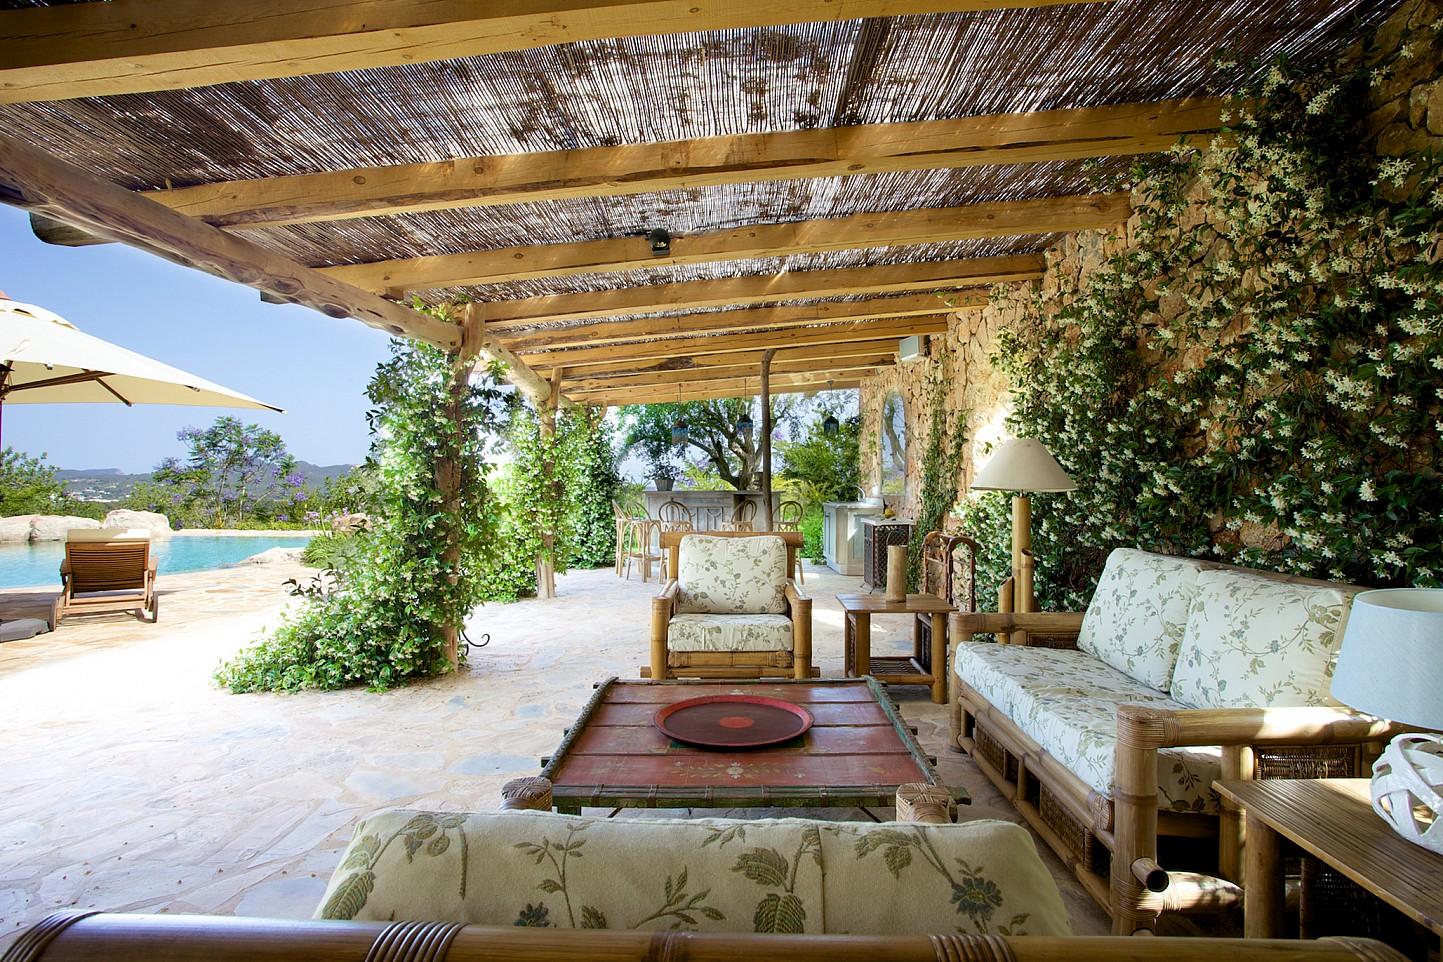 Столовая на свежем воздухе комплекса в аренду на Ибице